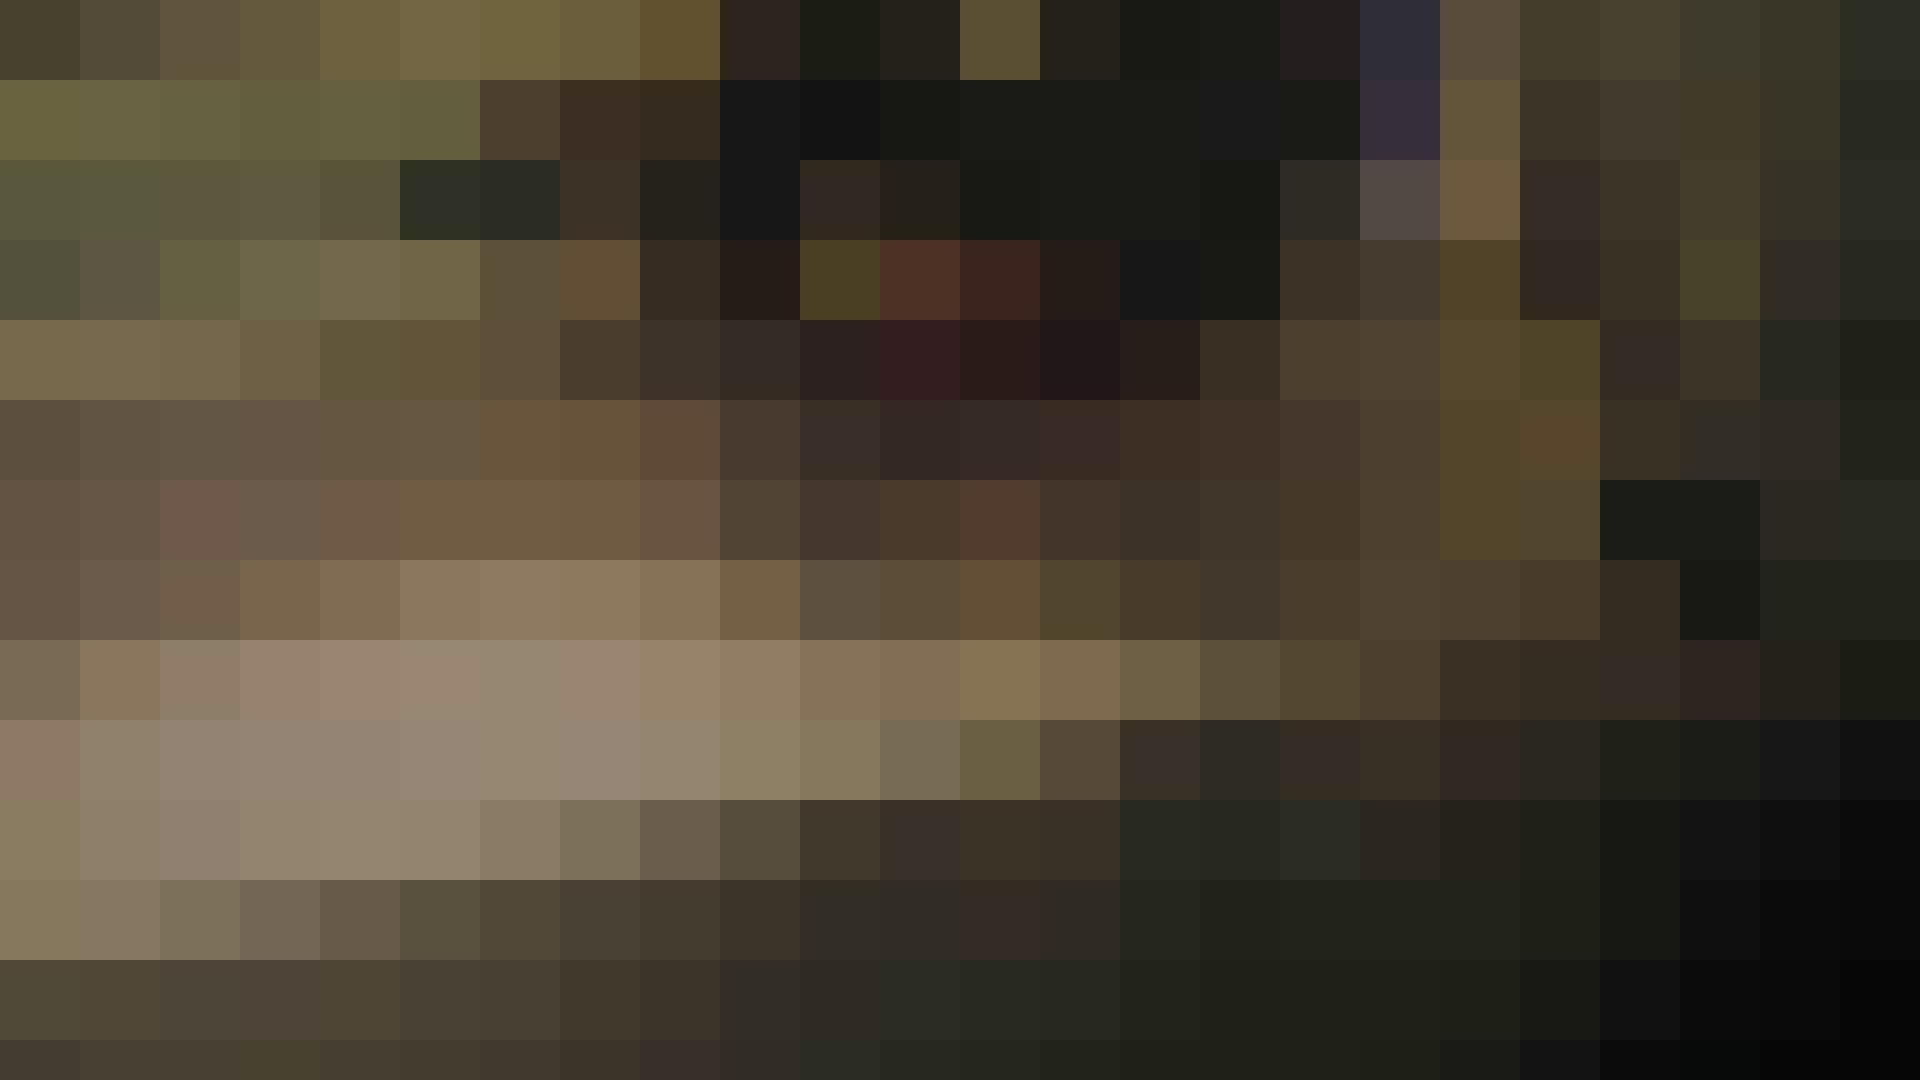 阿国ちゃんの「和式洋式七変化」No.18 iBO(フタコブ) 盛合せ すけべAV動画紹介 96画像 81